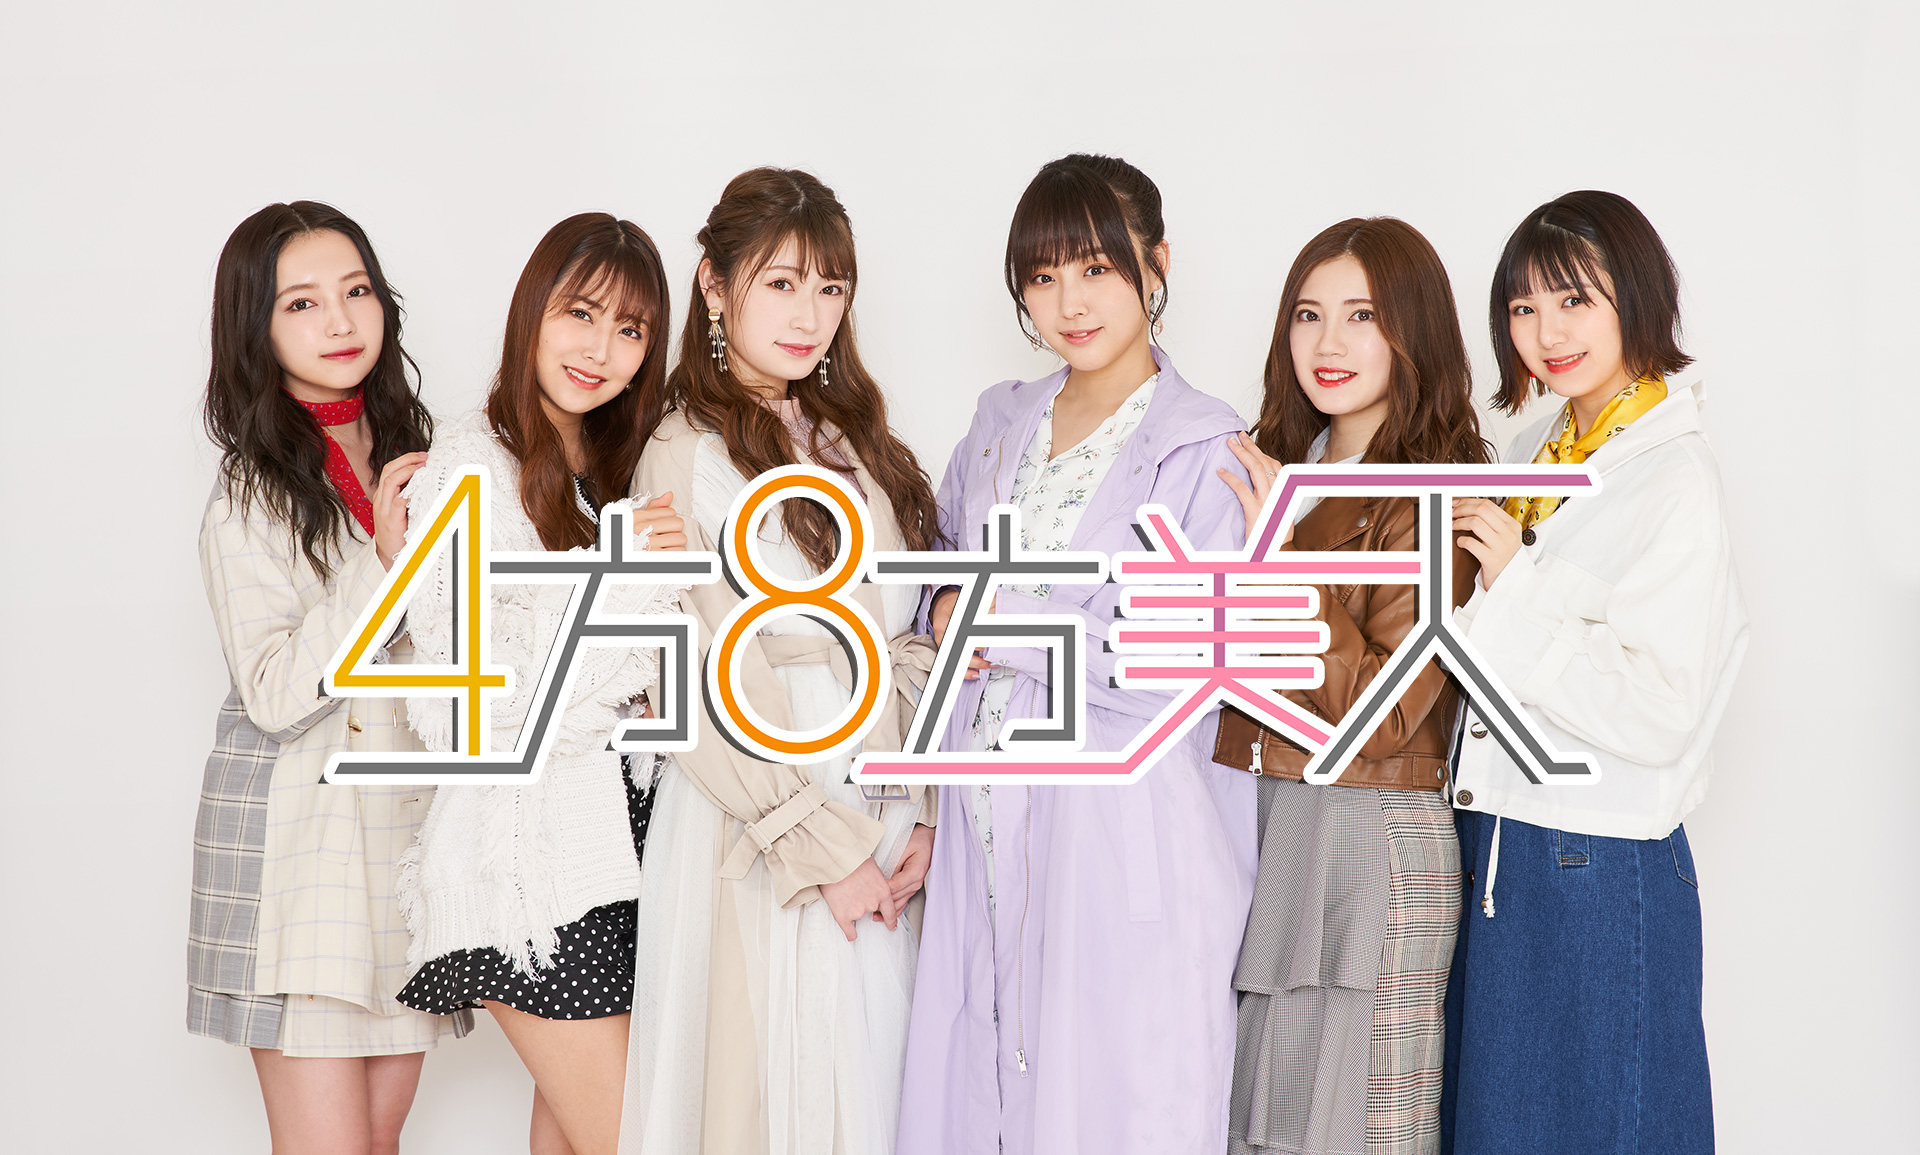 【吉田朱里/白間美瑠/村瀬紗英】3月29日からNMB48とSKE48出演の「4方8方美人」が大阪チャンネルで配信開始